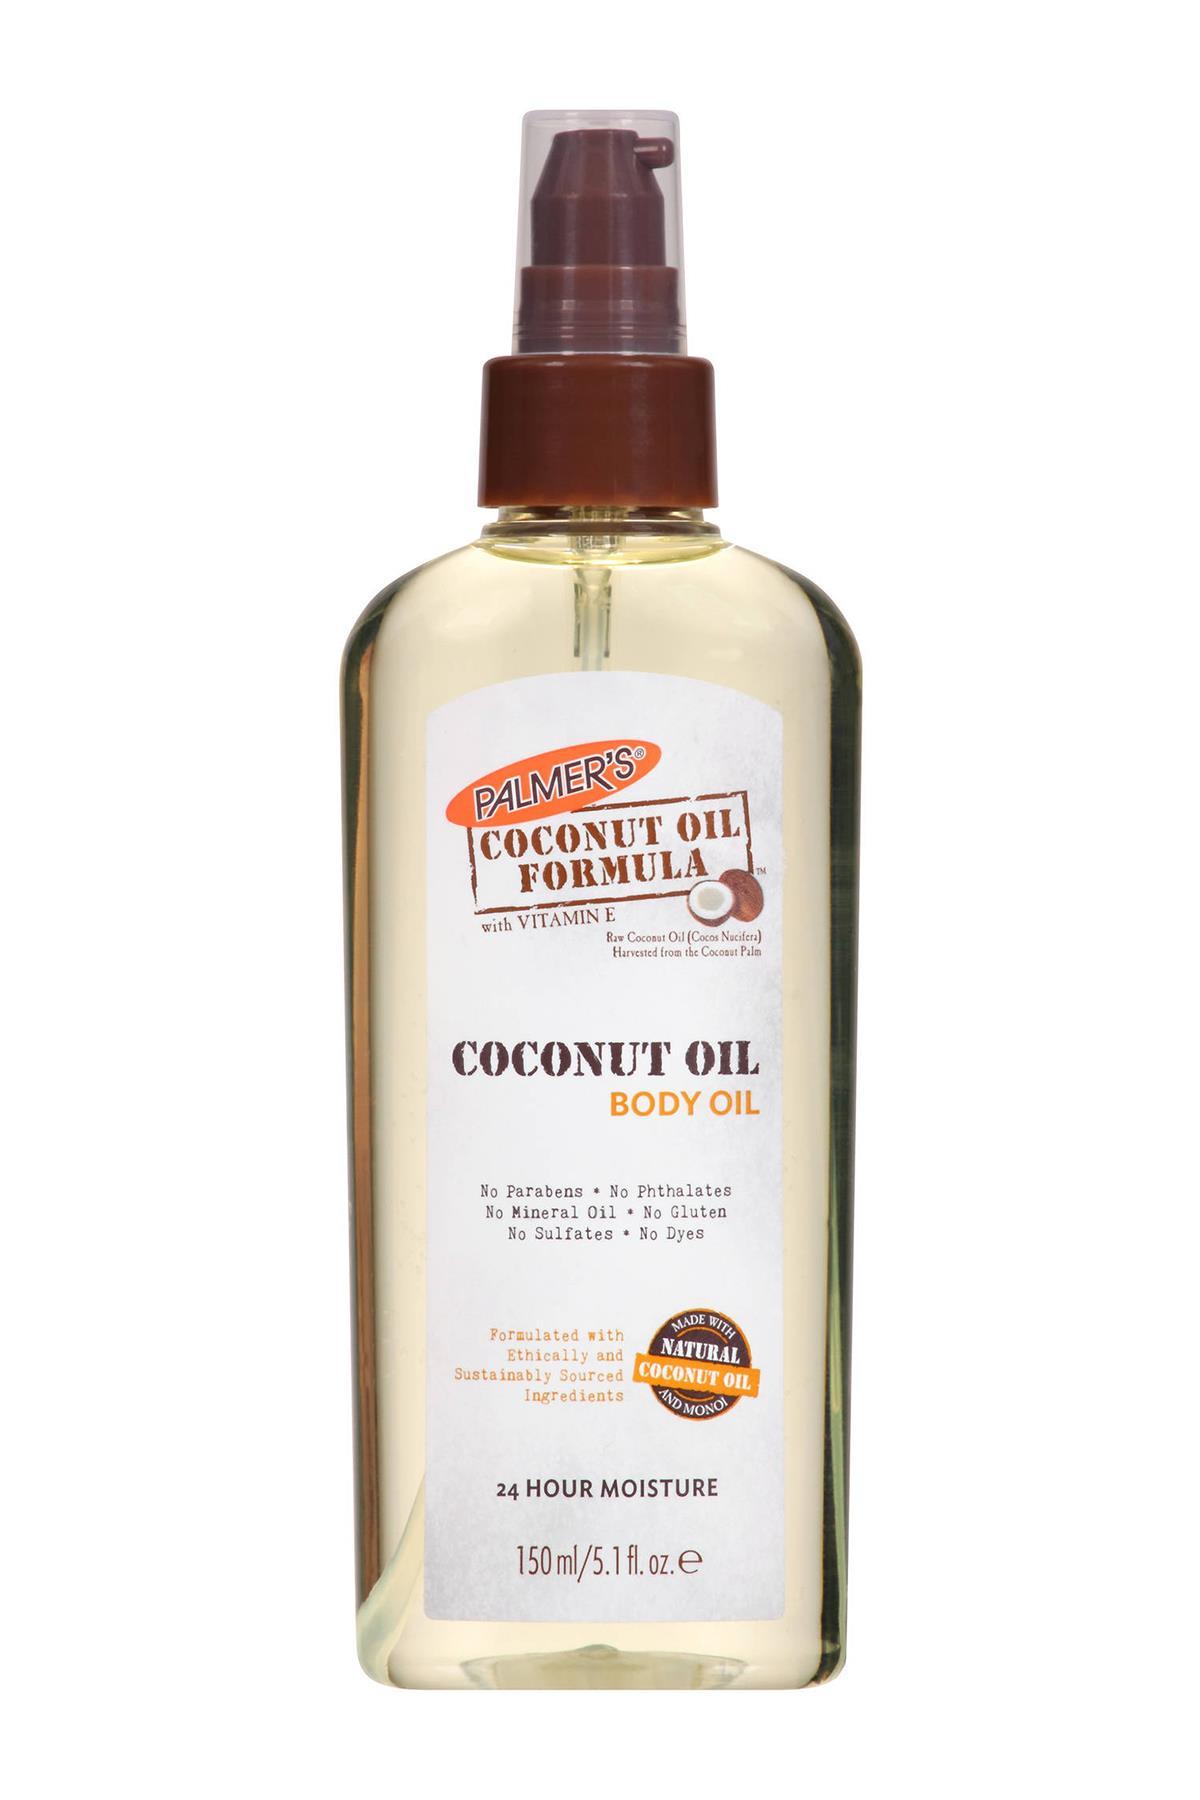 Palmer's Coconut Oil Body Oil 150 ml